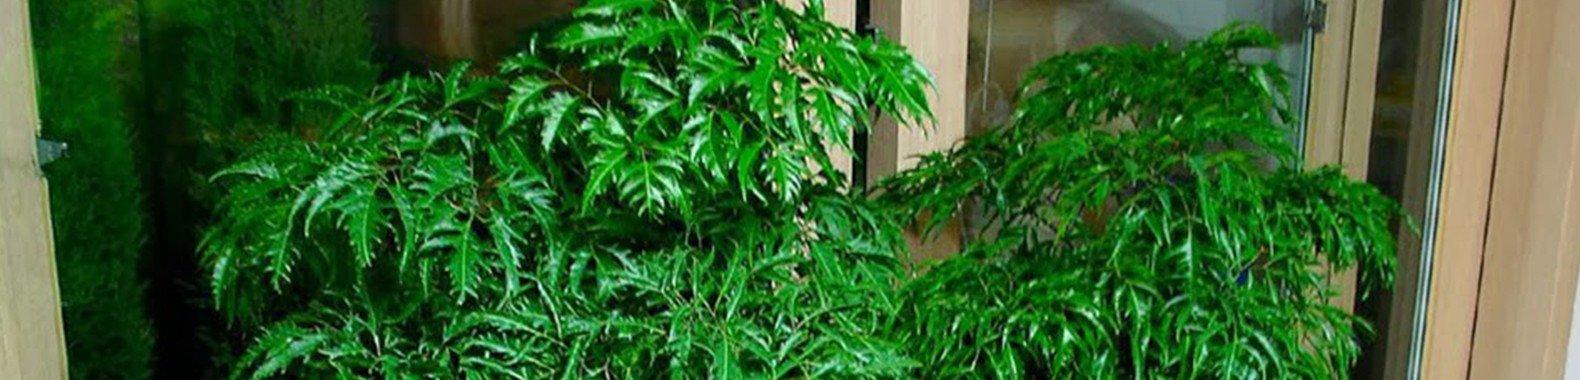 planta para ter em casa arvore felicidade